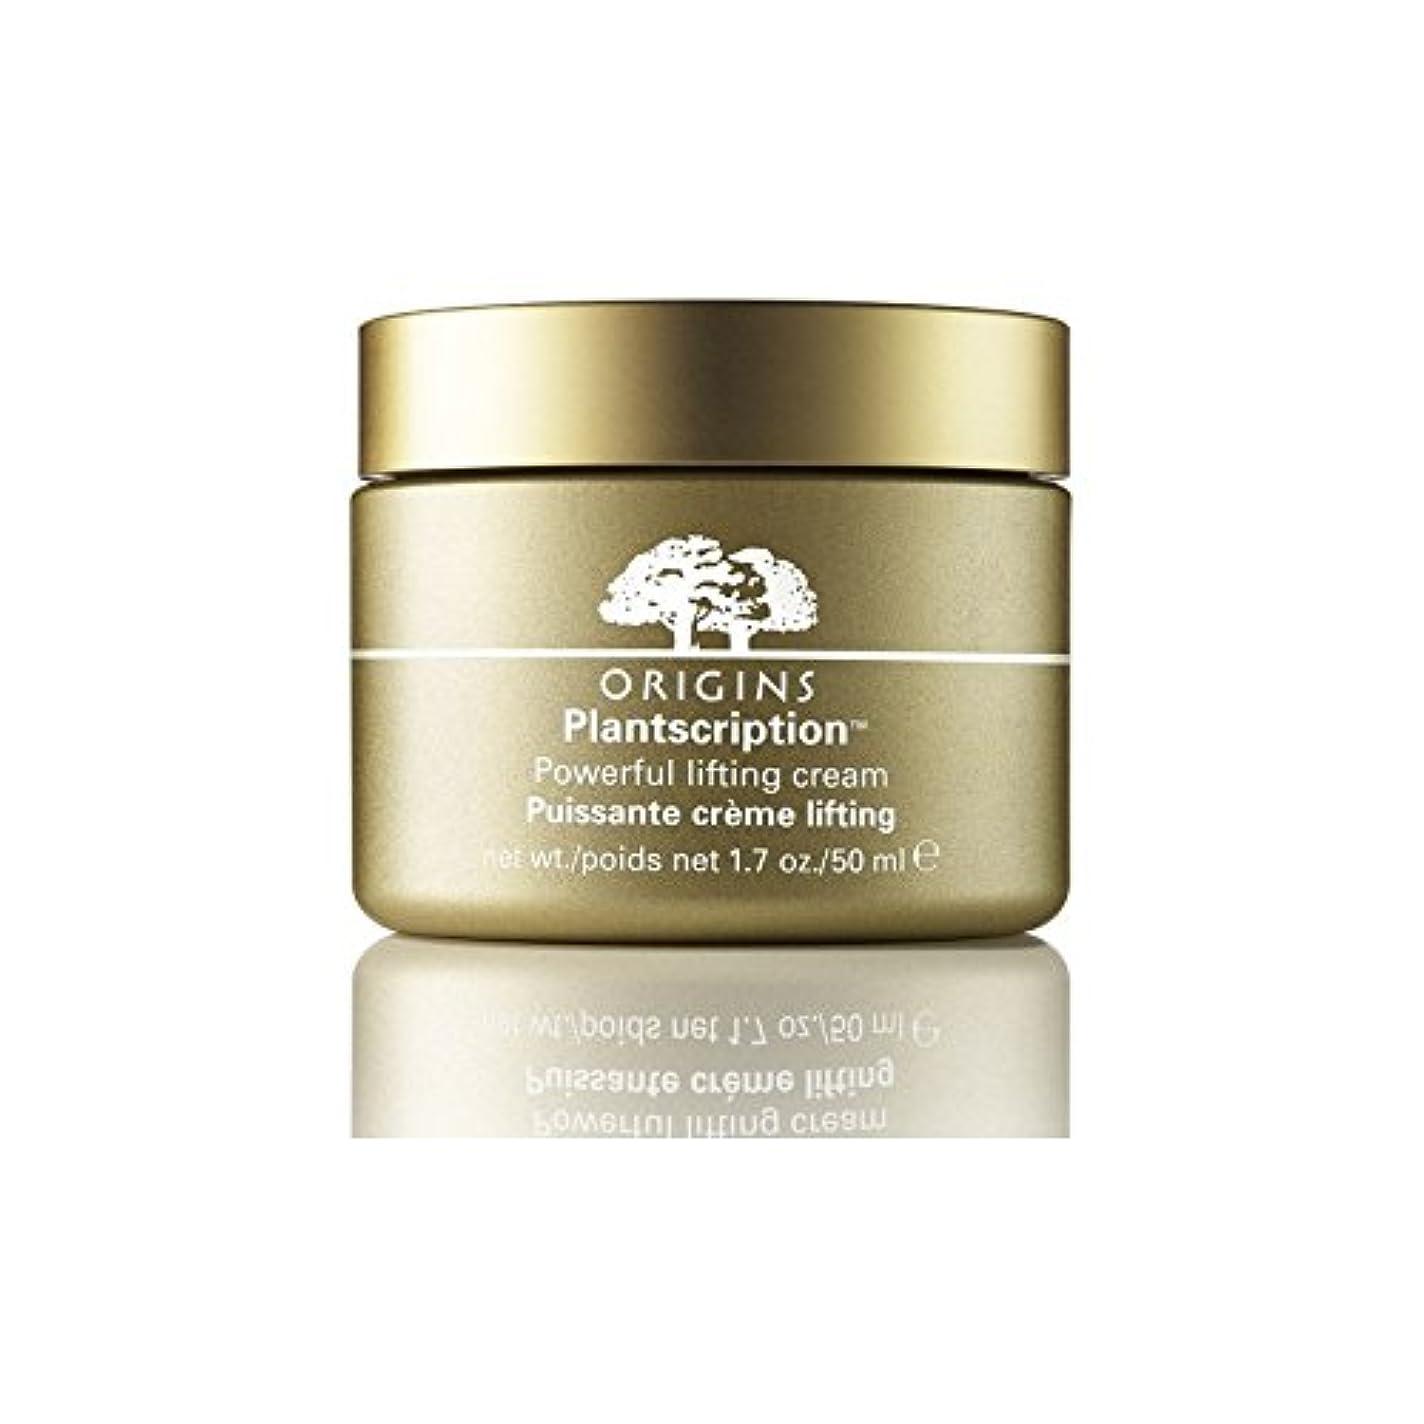 起源強力なリフティングクリーム50 x2 - Origins Plantscription Powerful Lifting Cream 50ml (Pack of 2) [並行輸入品]